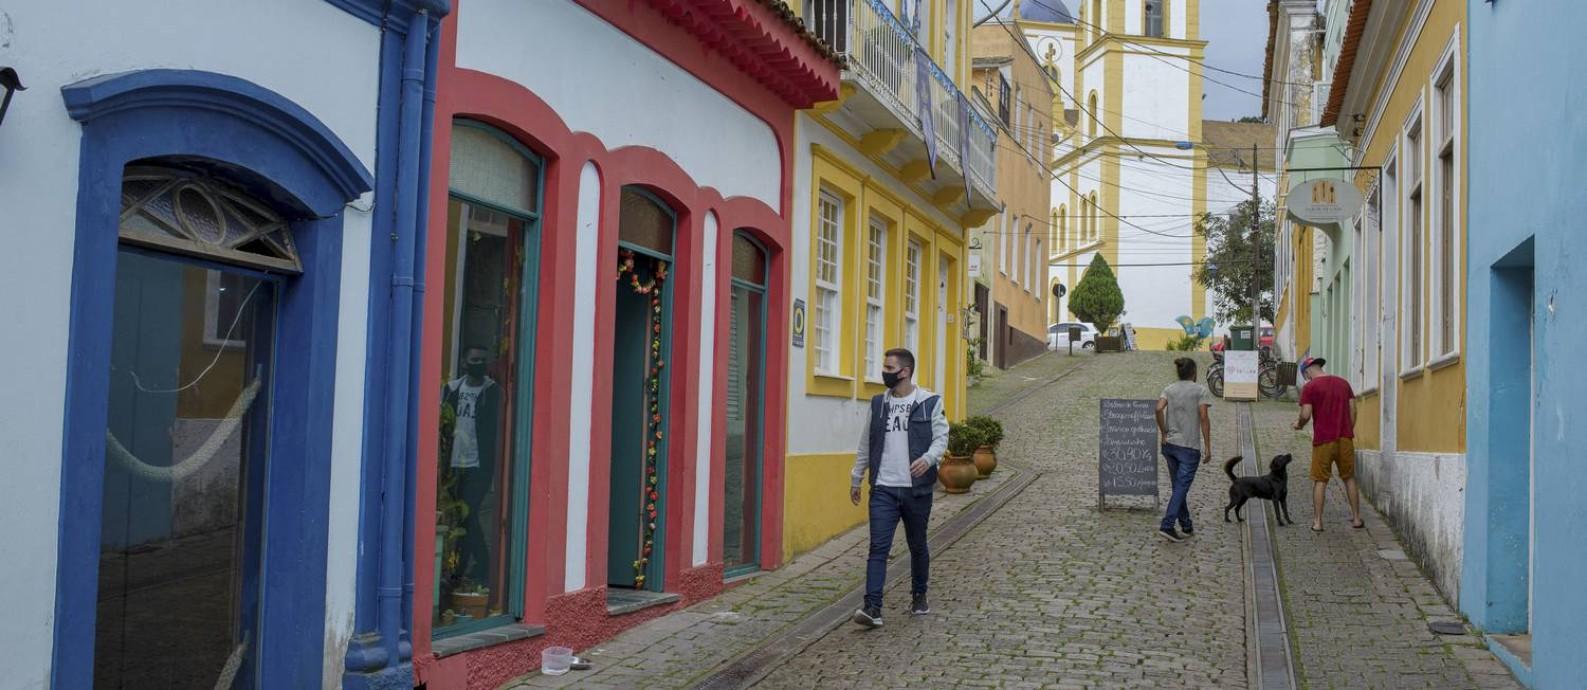 Os R$ 23 milhões recebidos em royalties não tem gerado reflexo na educação de São Francisco do Sul, em Santa Catarina Foto: Caio Cezar / Agência O Globo